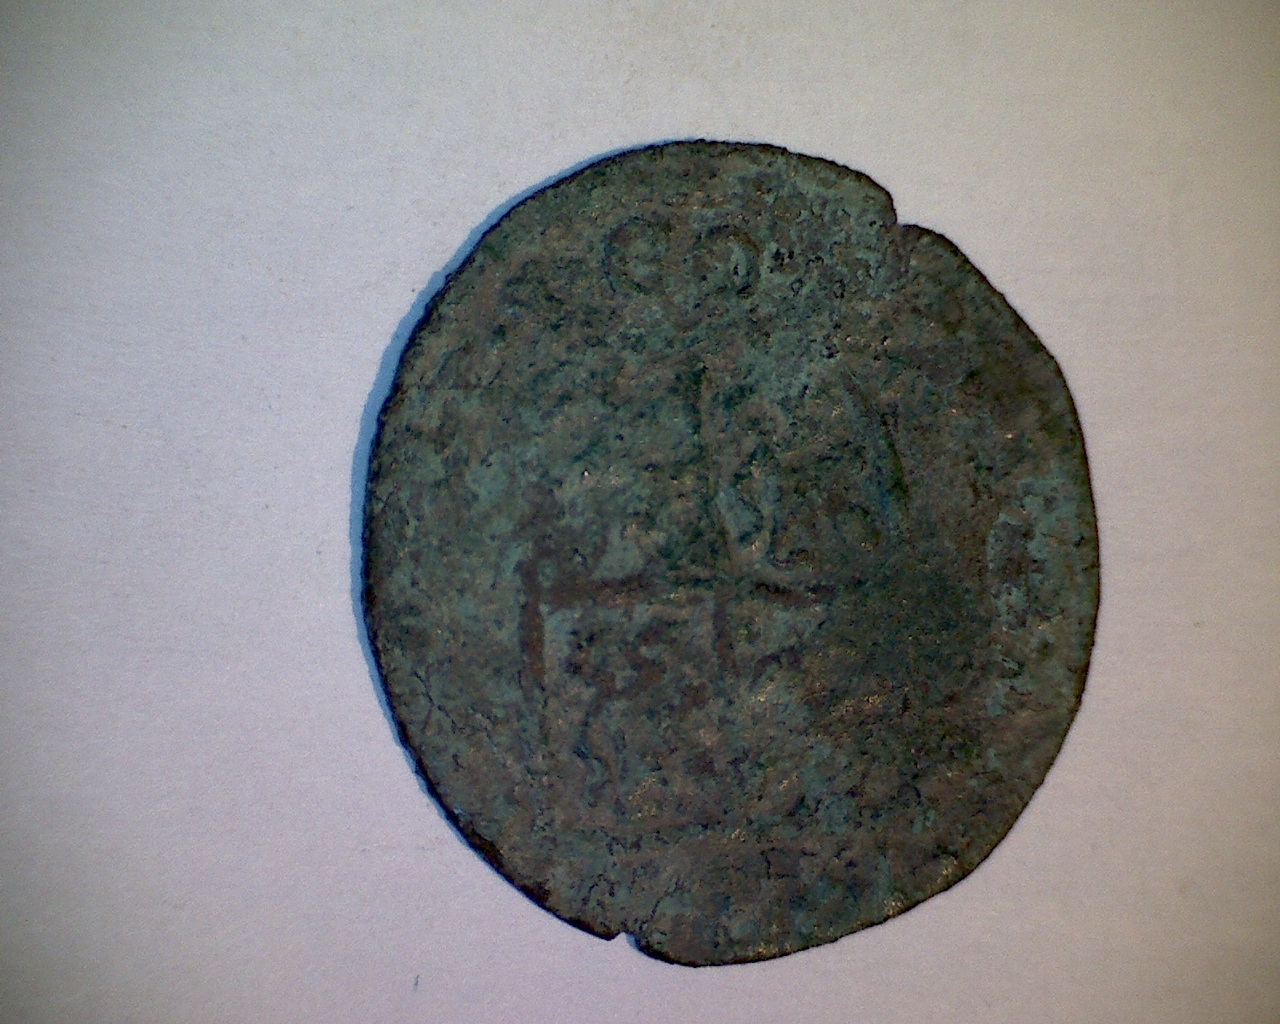 Tr sors et merdouilles des fr res huyghe monnaies anciennes - Valeur ancienne piece ...